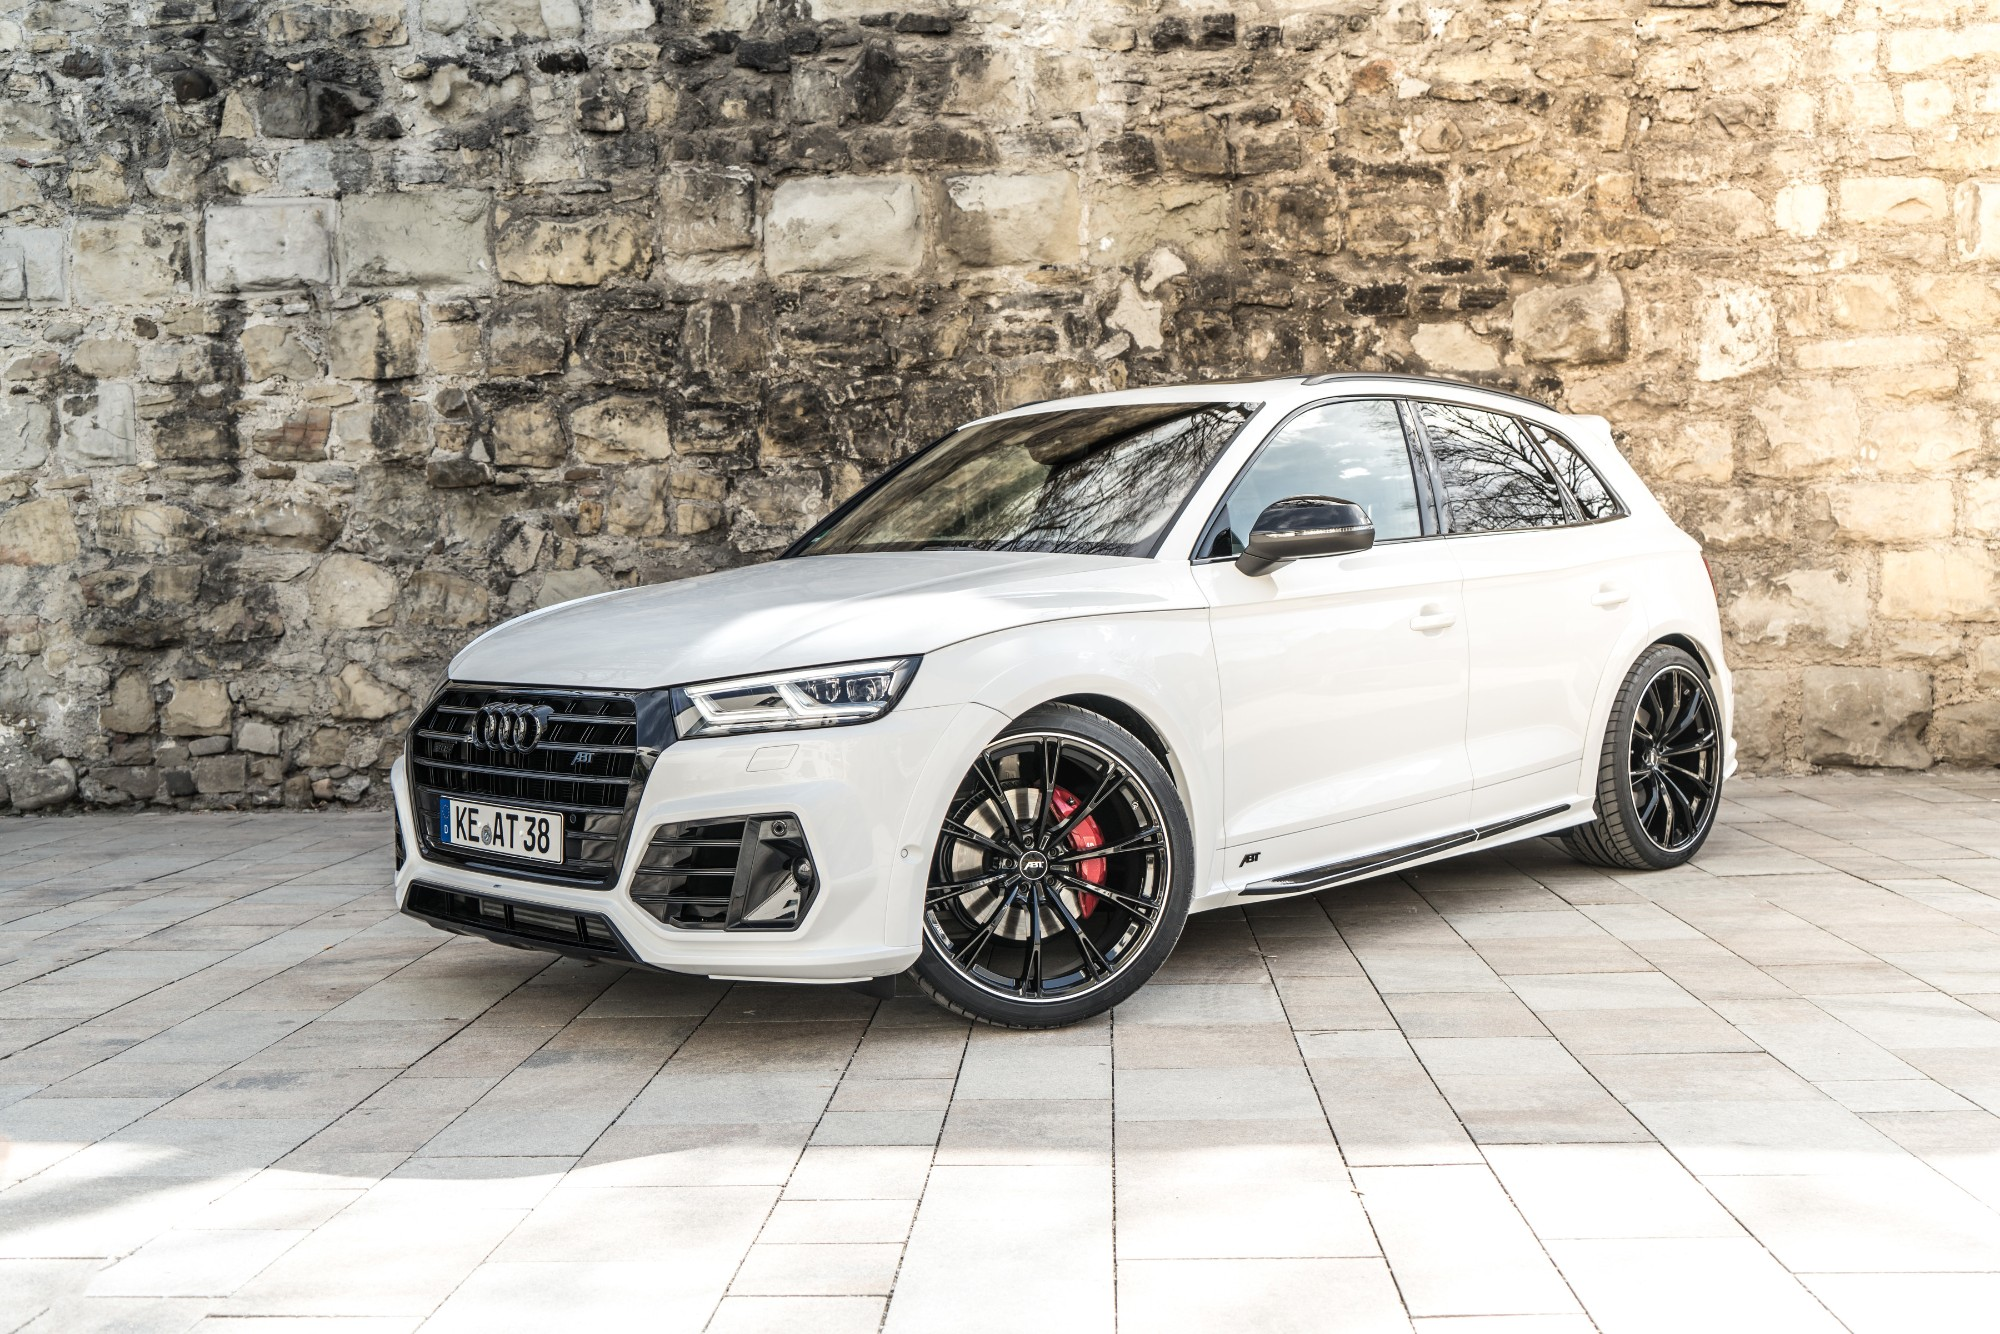 Kelebihan Audi Sq5 2018 Review